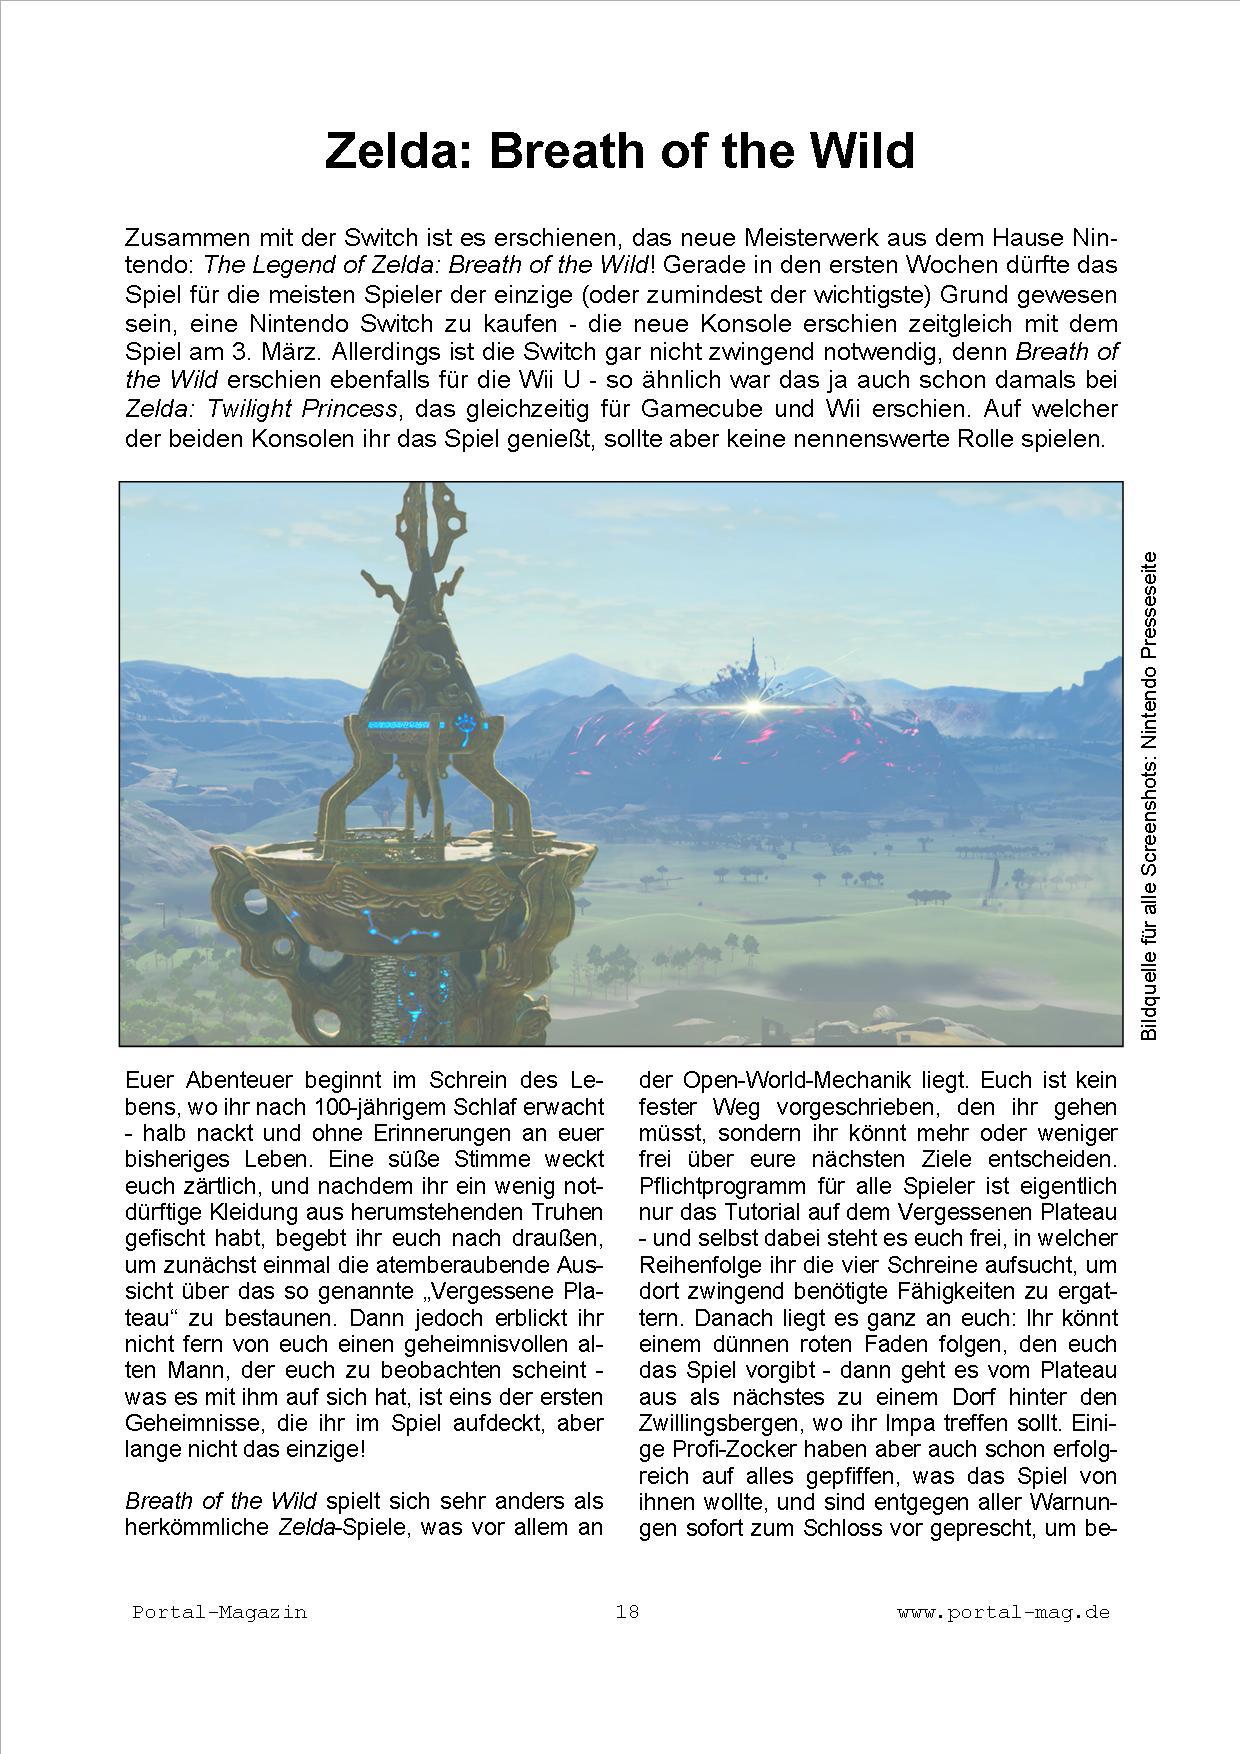 Ausgabe 37, Seite 18